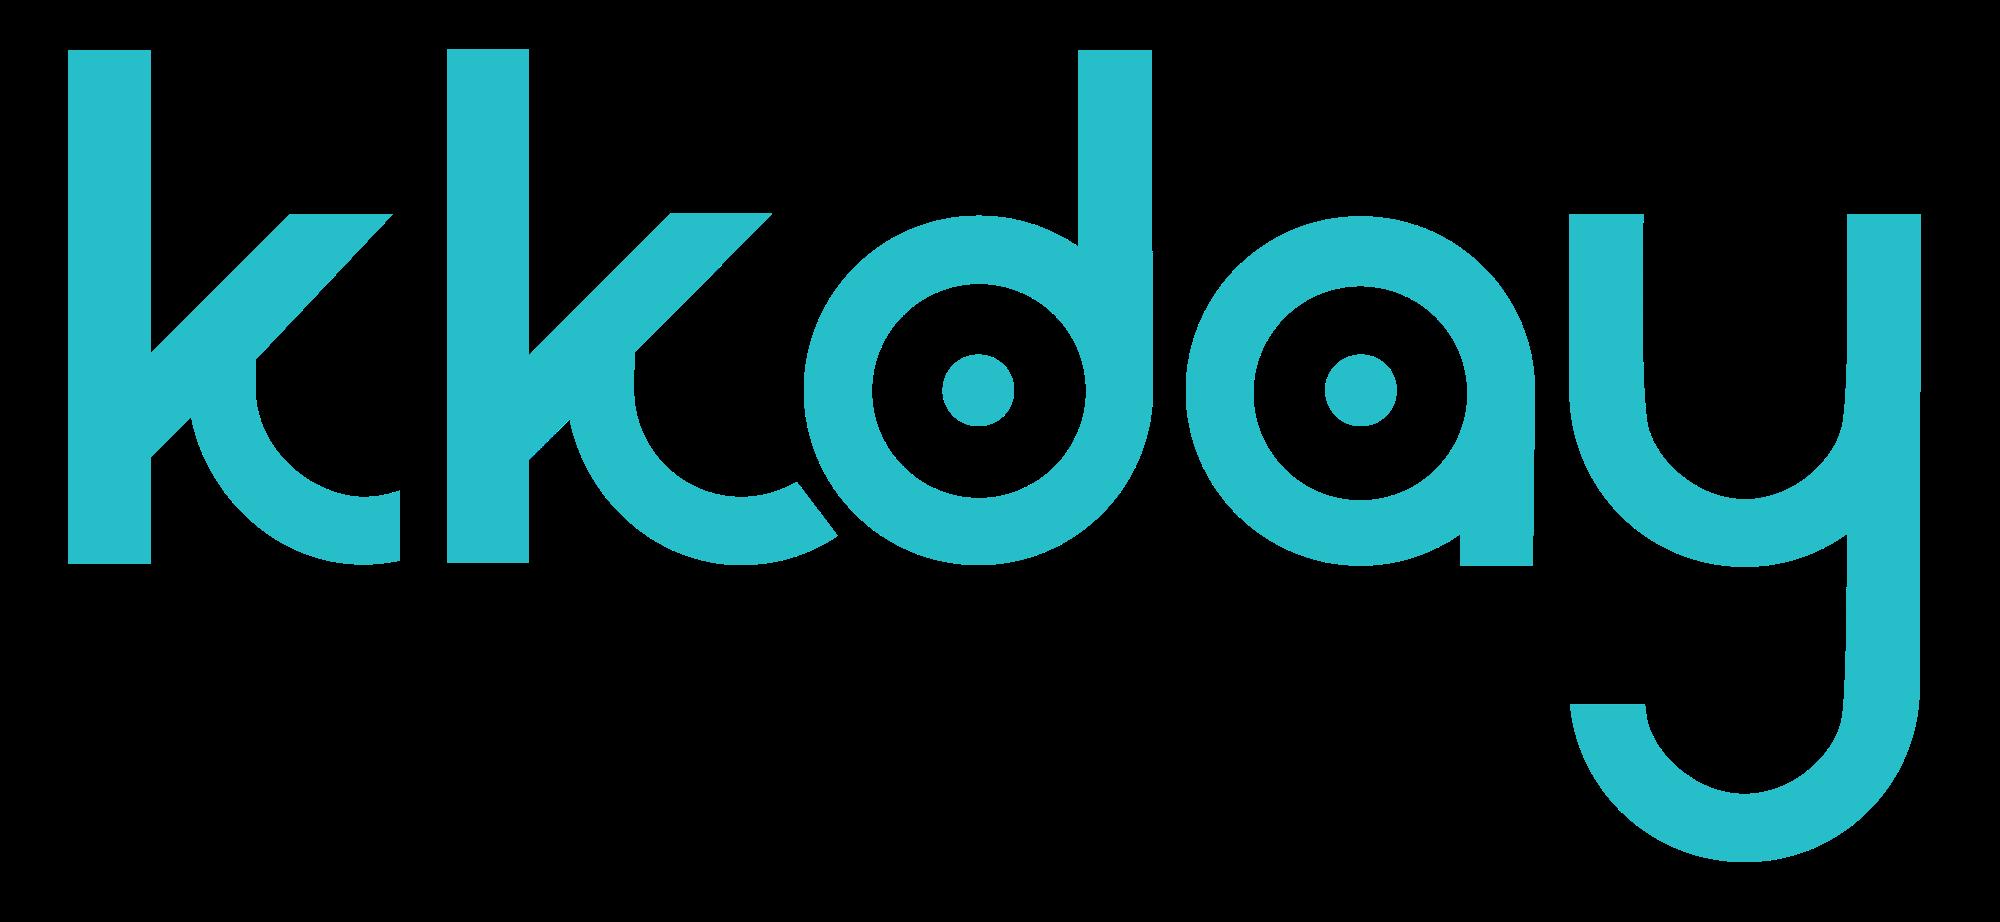 Kkday voucher codes